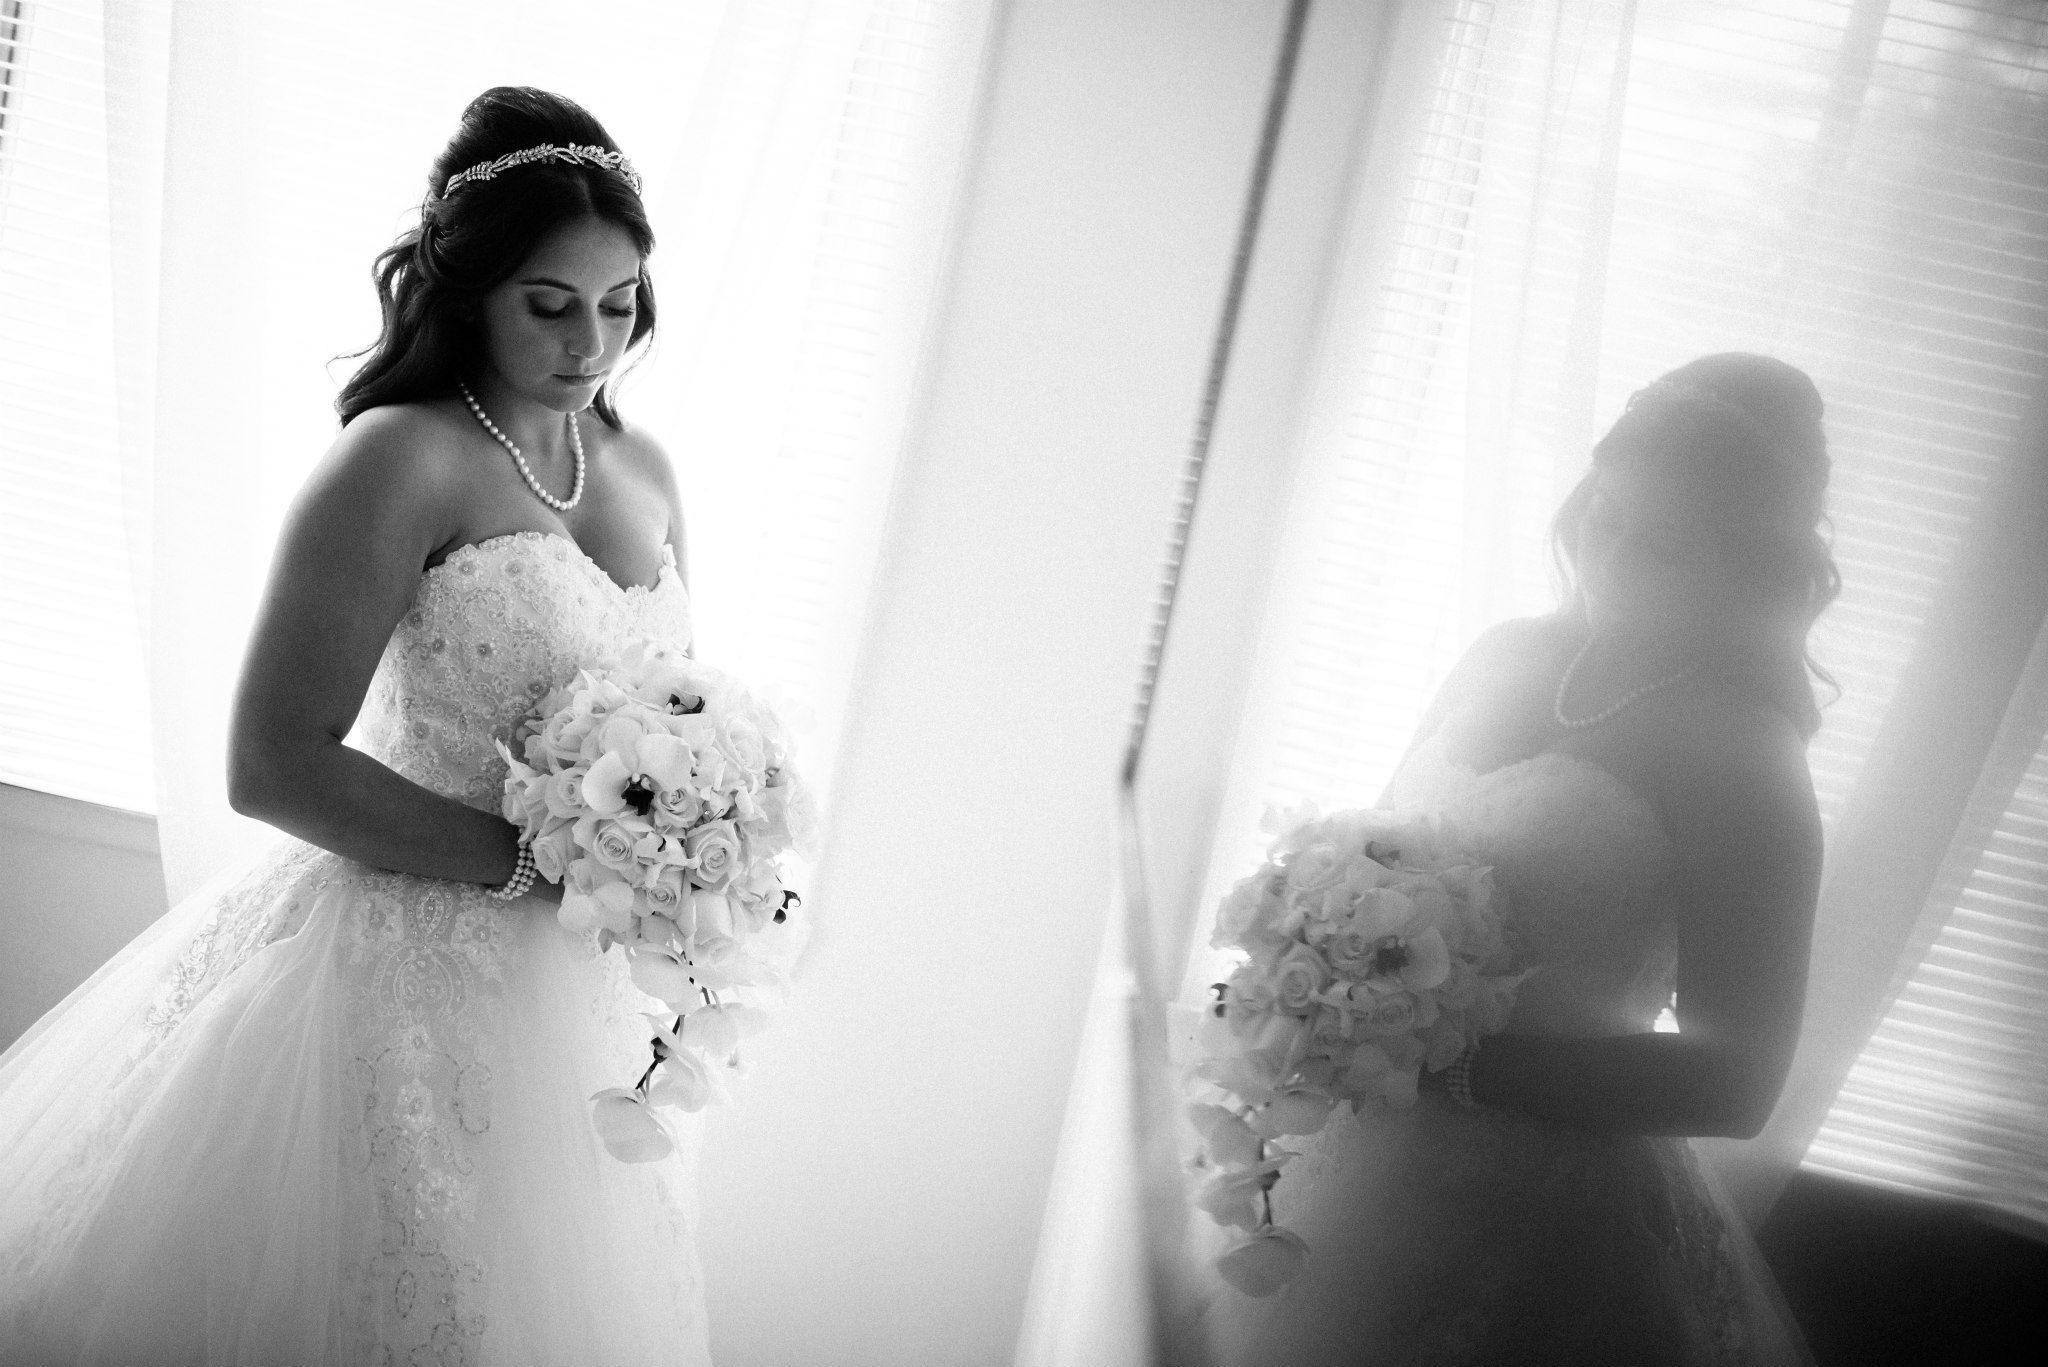 Weddings_Vesia5 (2).jpg